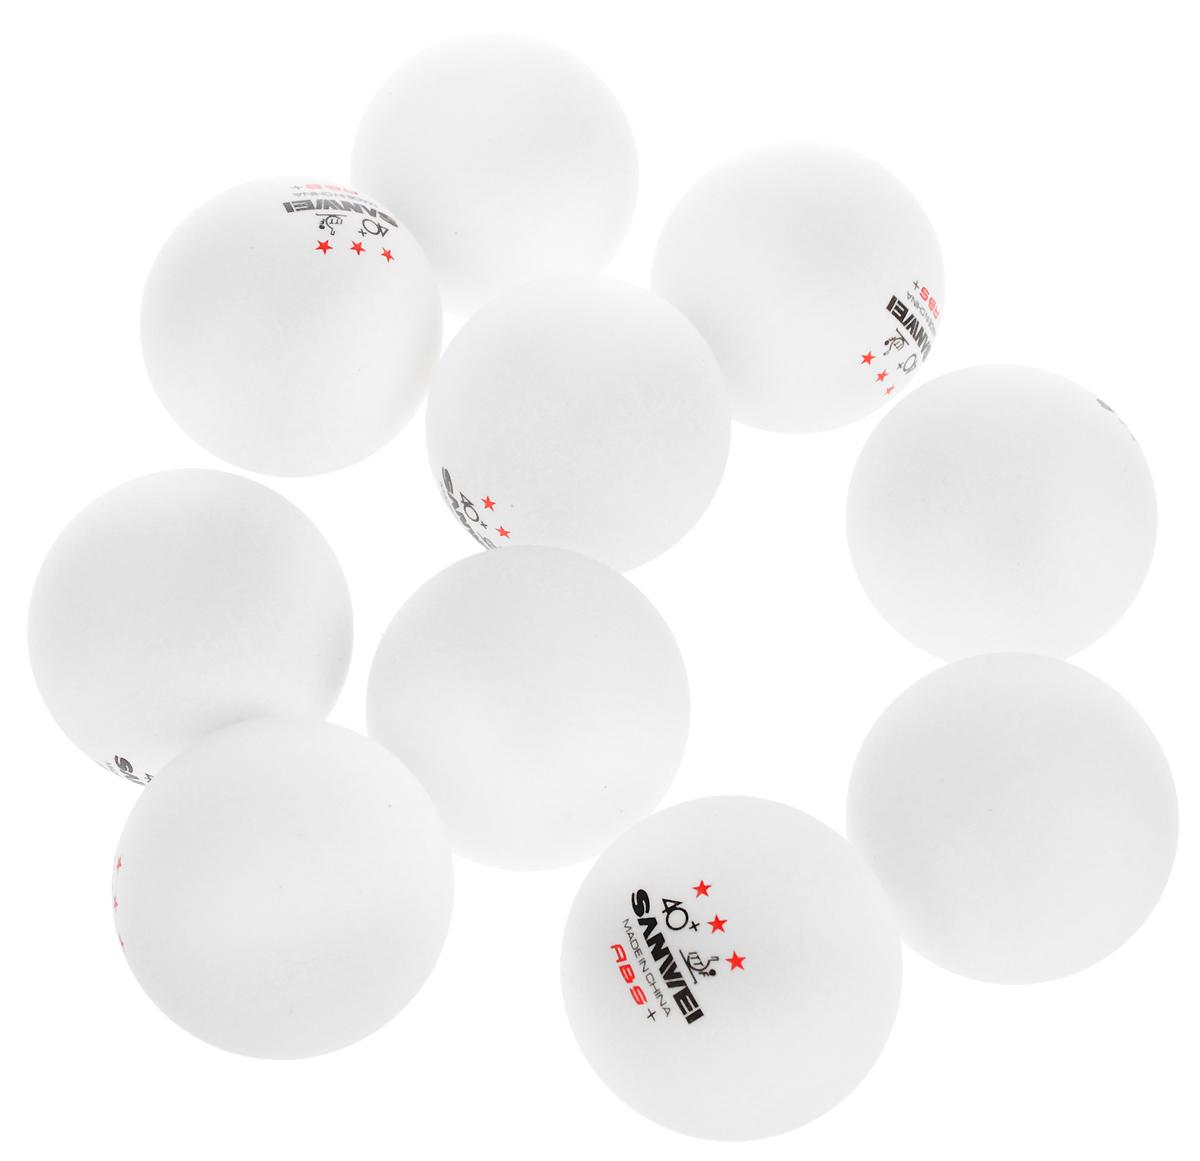 Шарики для пинг-понга Sanwei ABS, 40+, 10 шт40308Шарики Sanwei ABS используются для игры в пинг-понг. Они изготовлены из пластика и не имею швов. Шары предназначены для профессионального уровня подготовки.В комплекте 10 штук.Диаметр шара: 4 см.